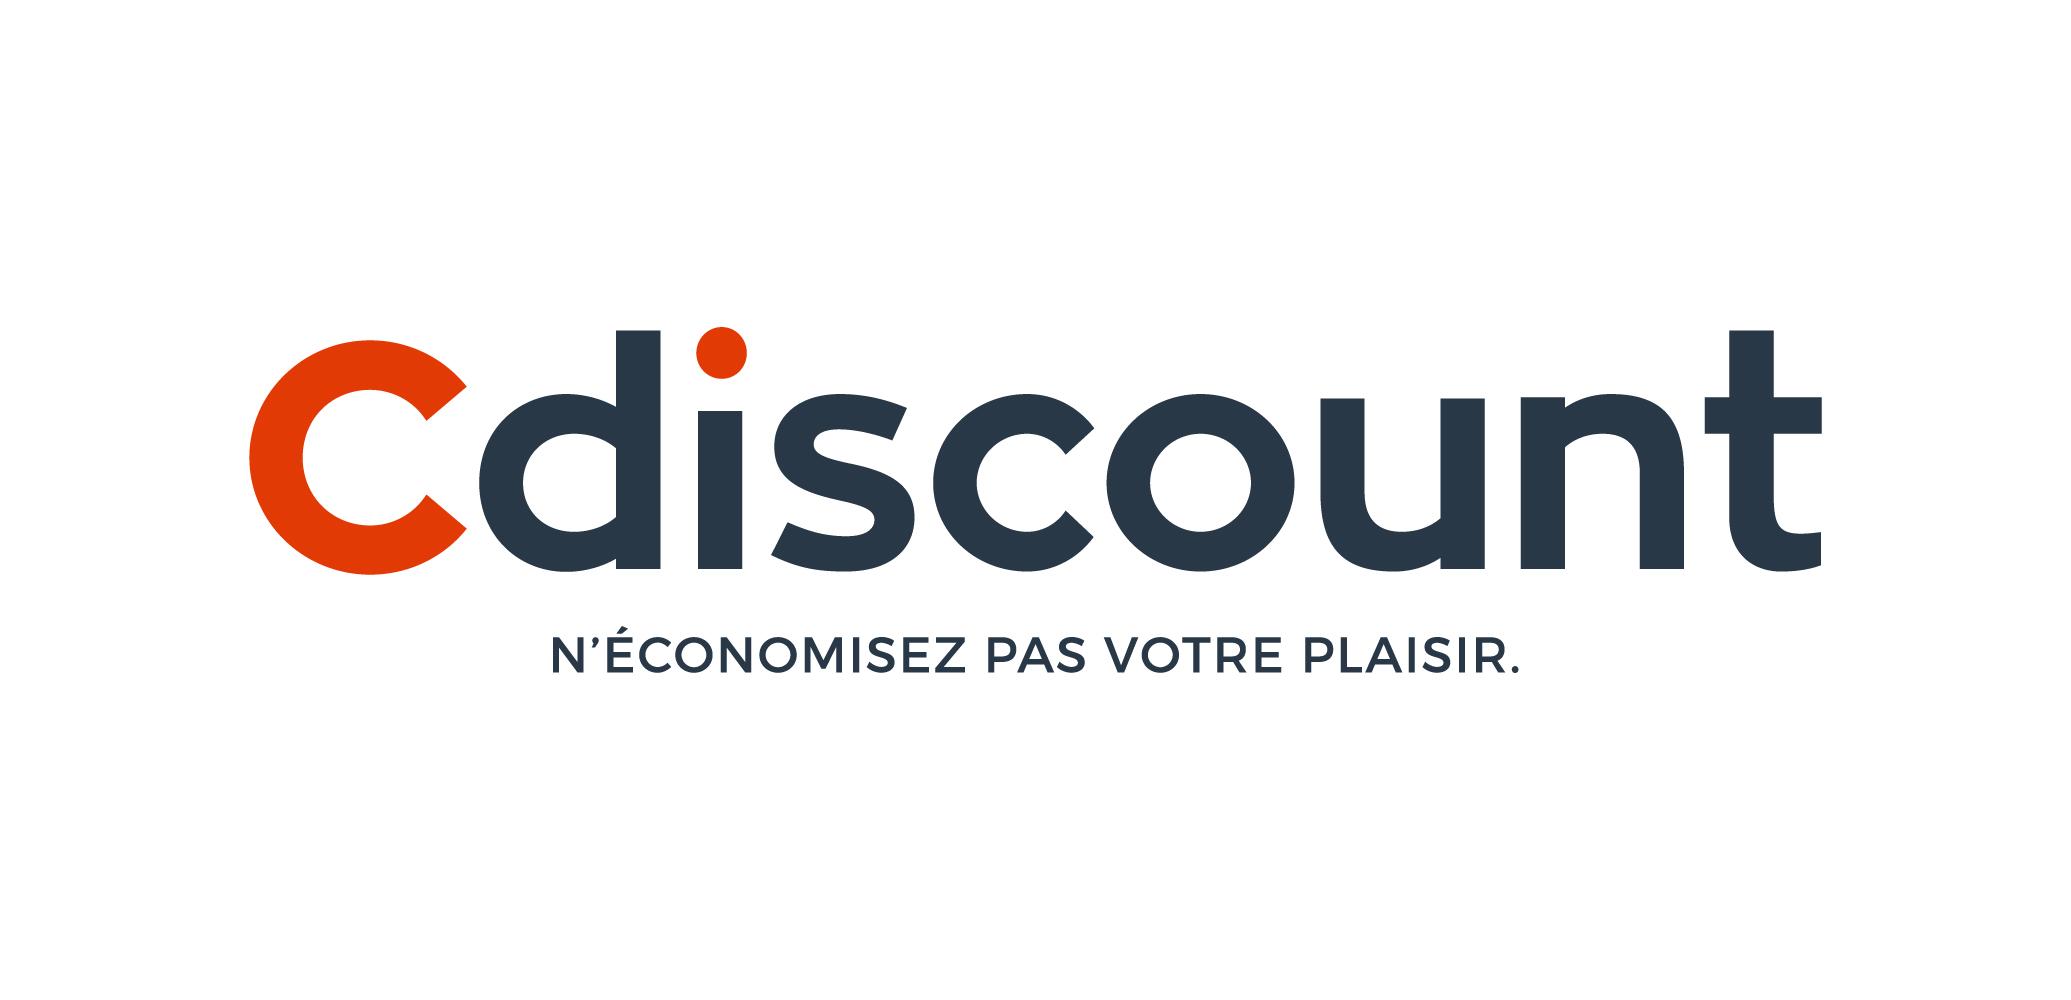 http://www.cdiscount.com/